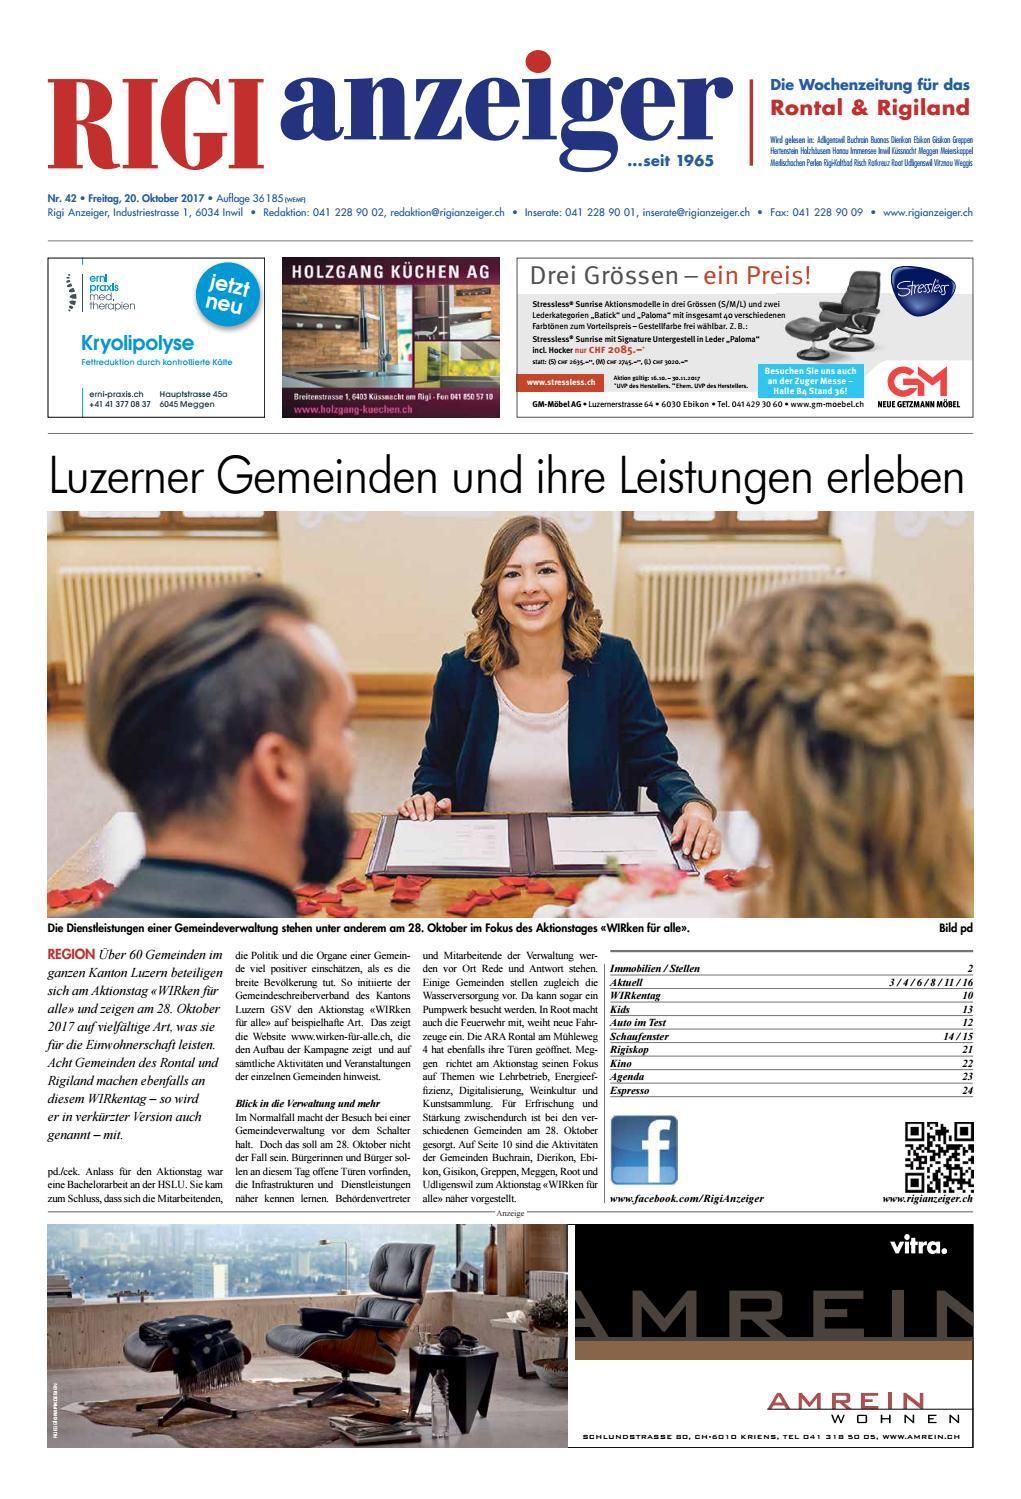 dwellforward.org Magazin - Page 2 of 4 - Alles rund um die Liebe ab